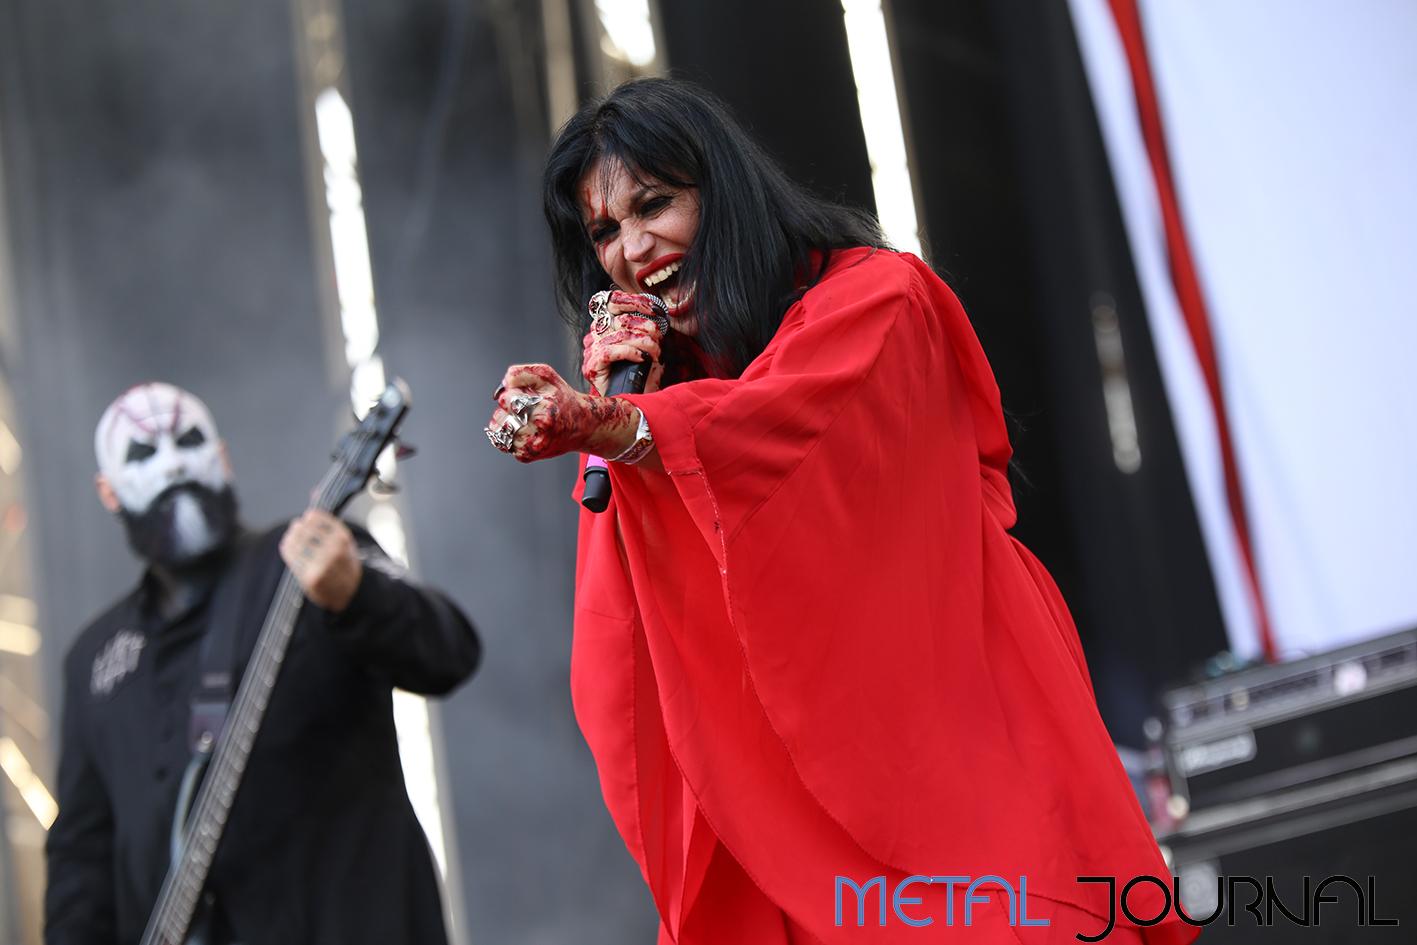 lacuna coil - leyendas del rock 2019 metal journal pic 4